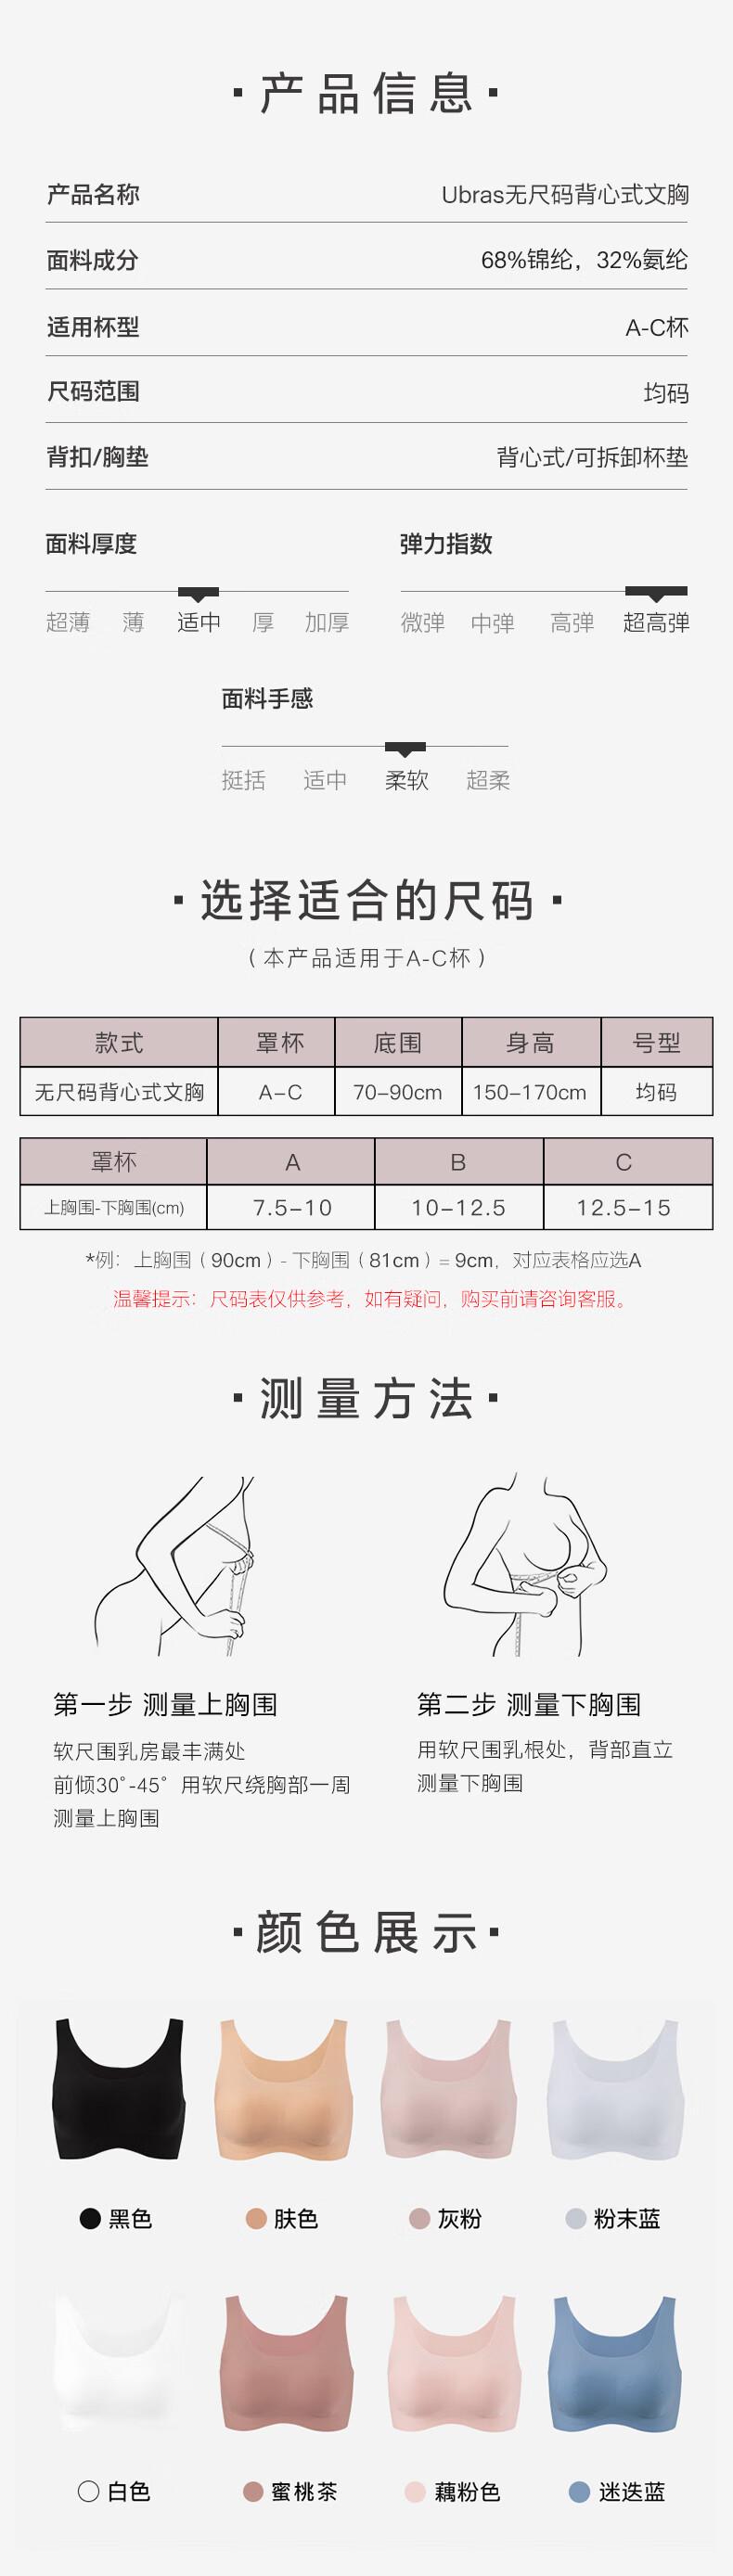 【欧阳娜娜同款】Ubras无尺码背心式可睡眠文胸A-C杯女士内衣无钢圈舒适无痕飞机bra肤色文胸均码